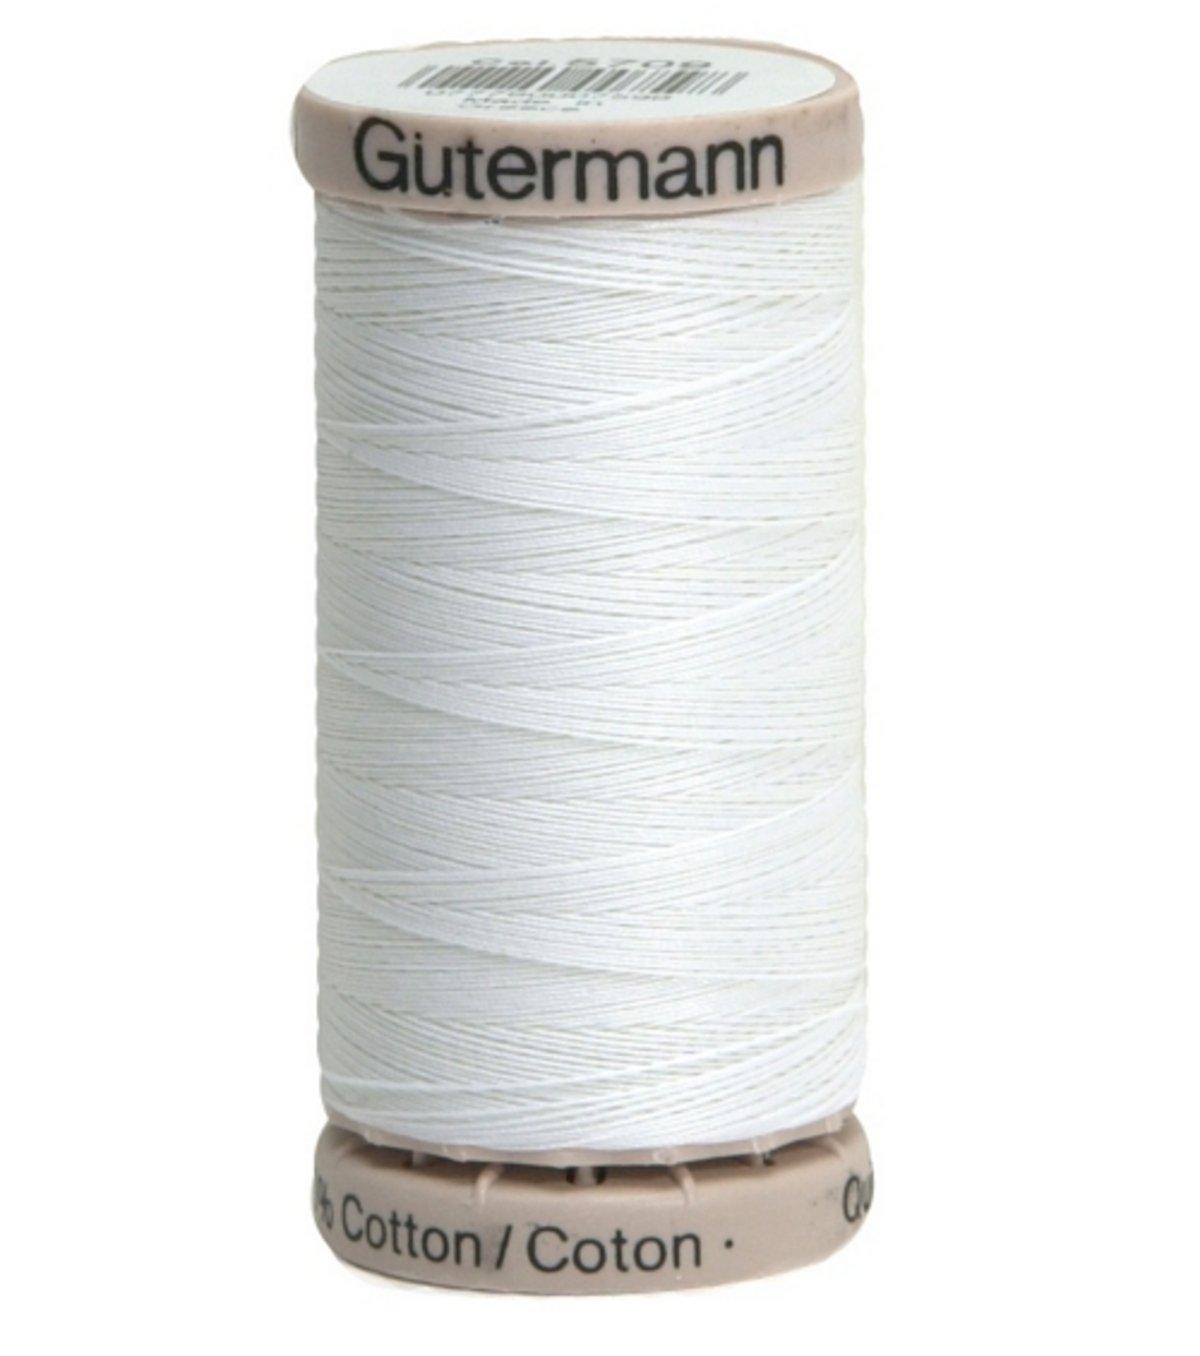 Quilting Thread 220yd-White Gutermann 201Q-5709